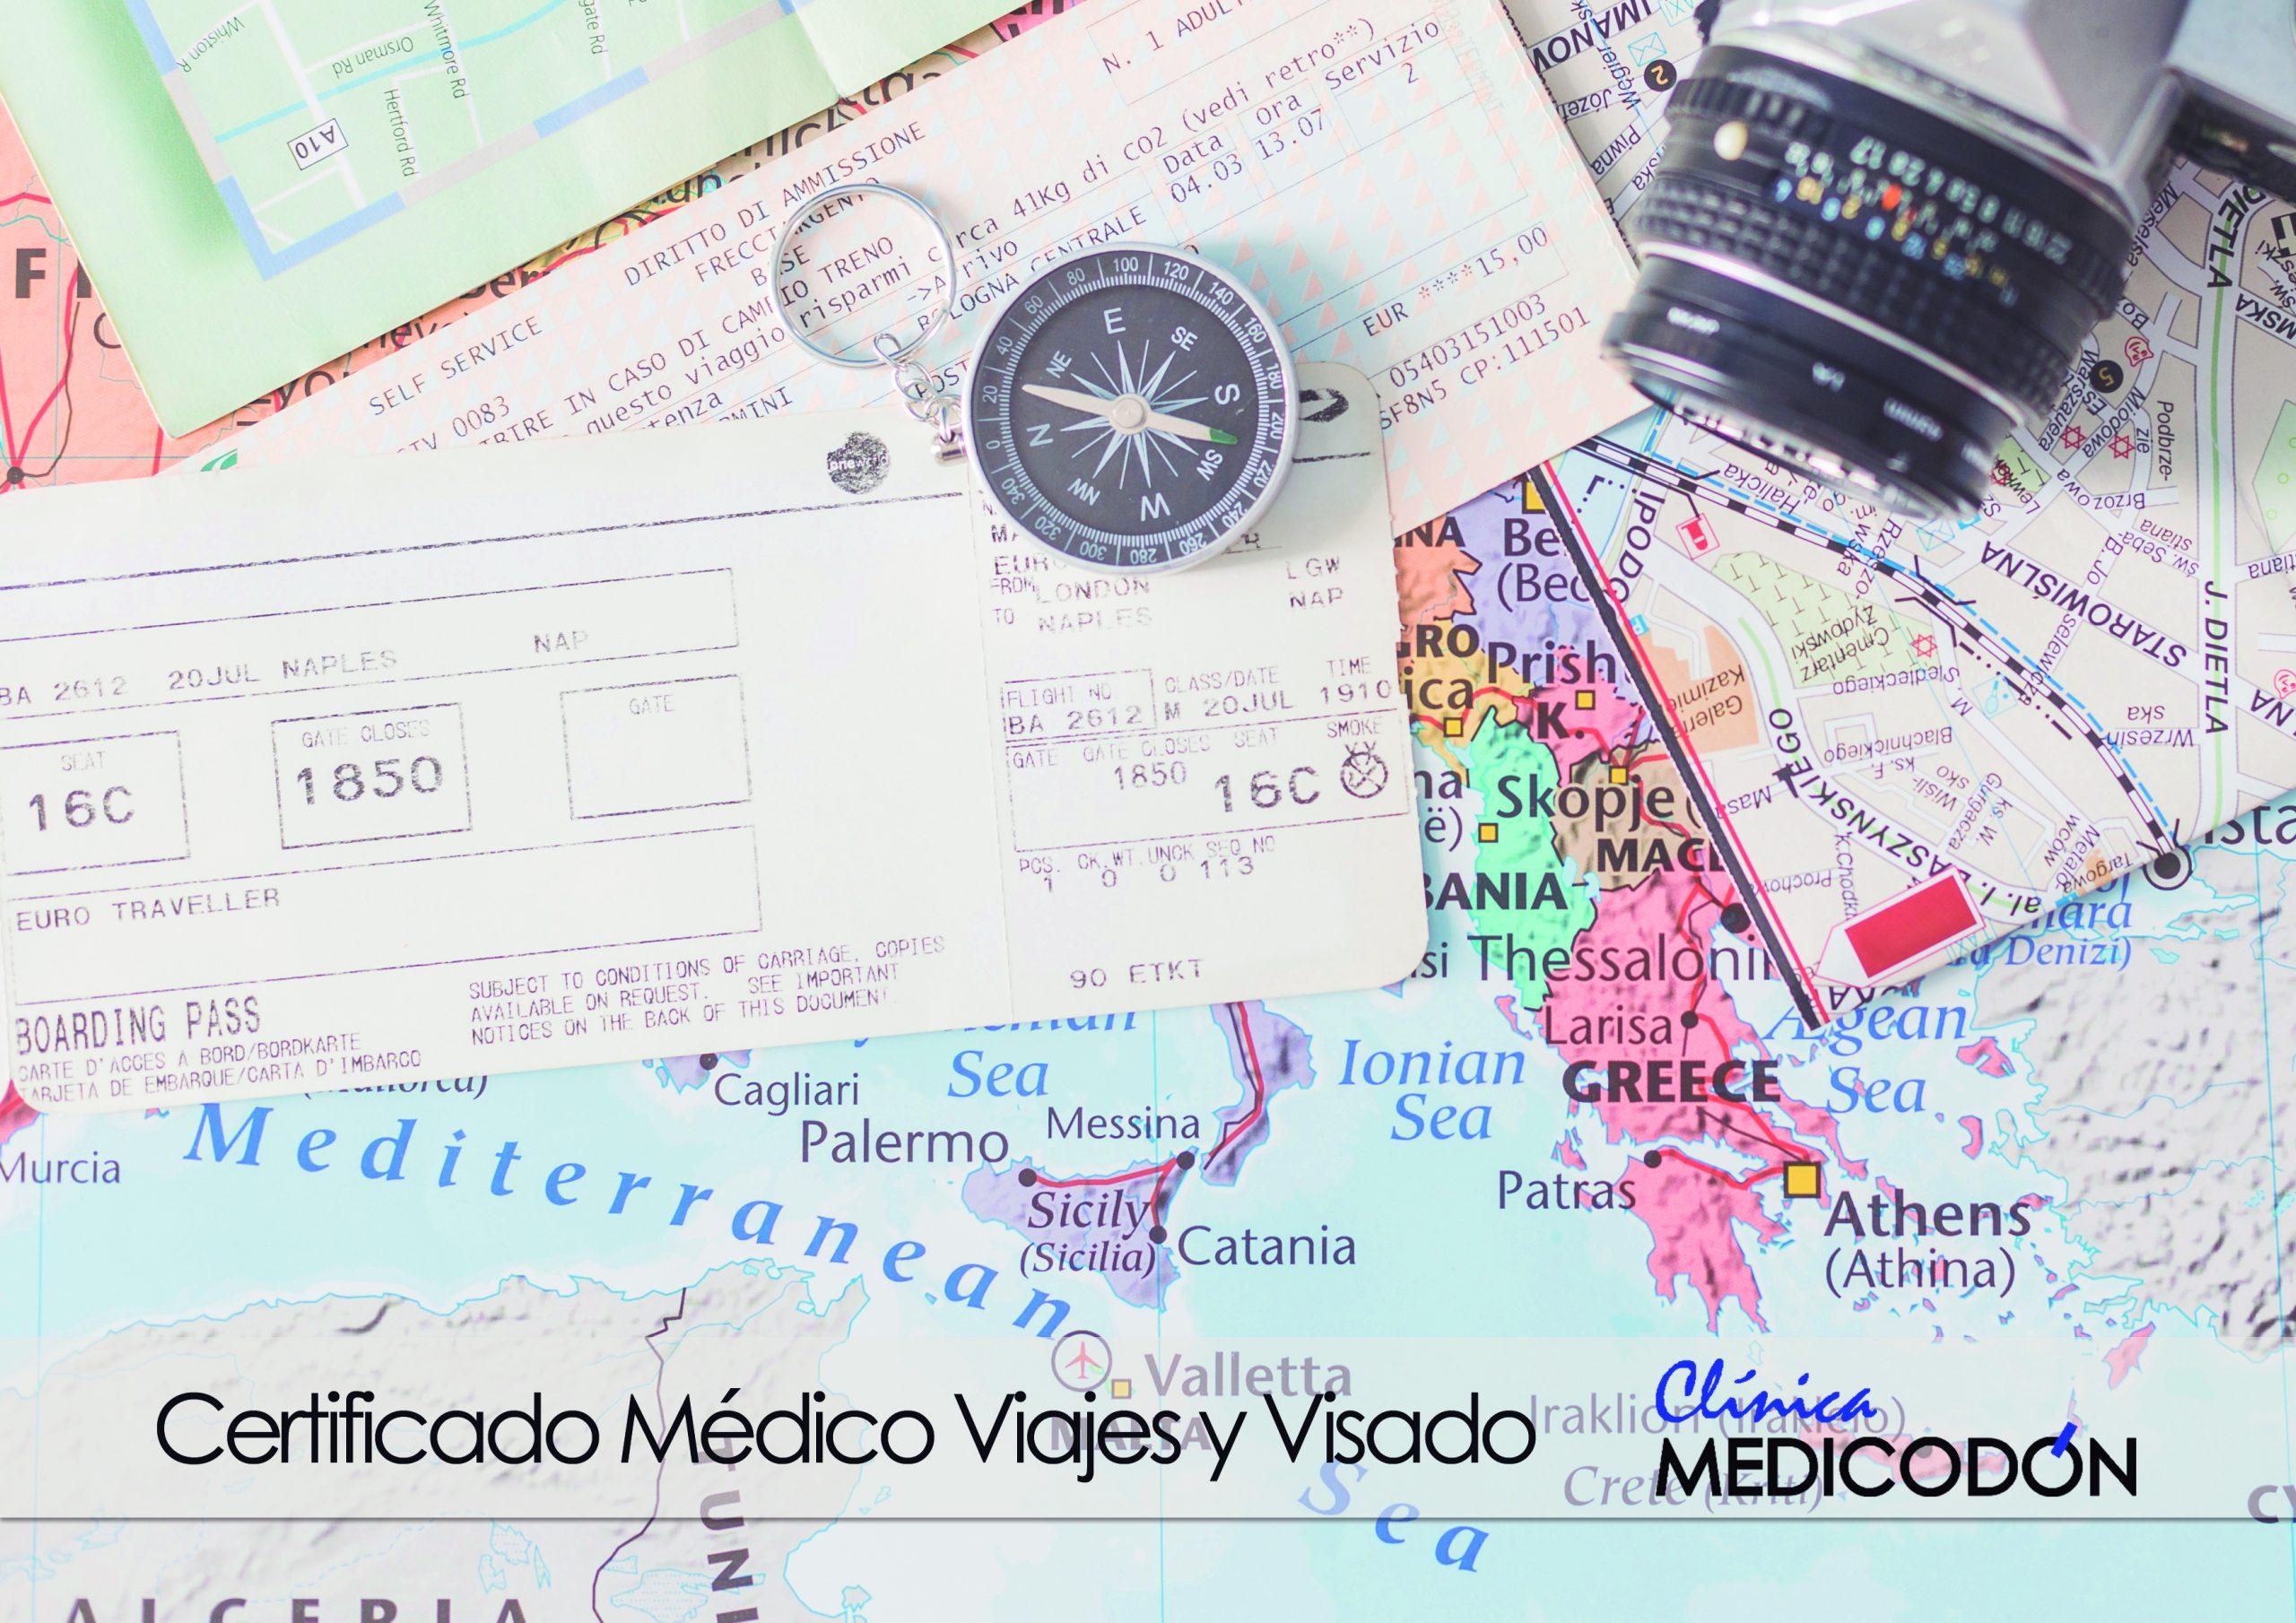 mapa de viajes con certificado